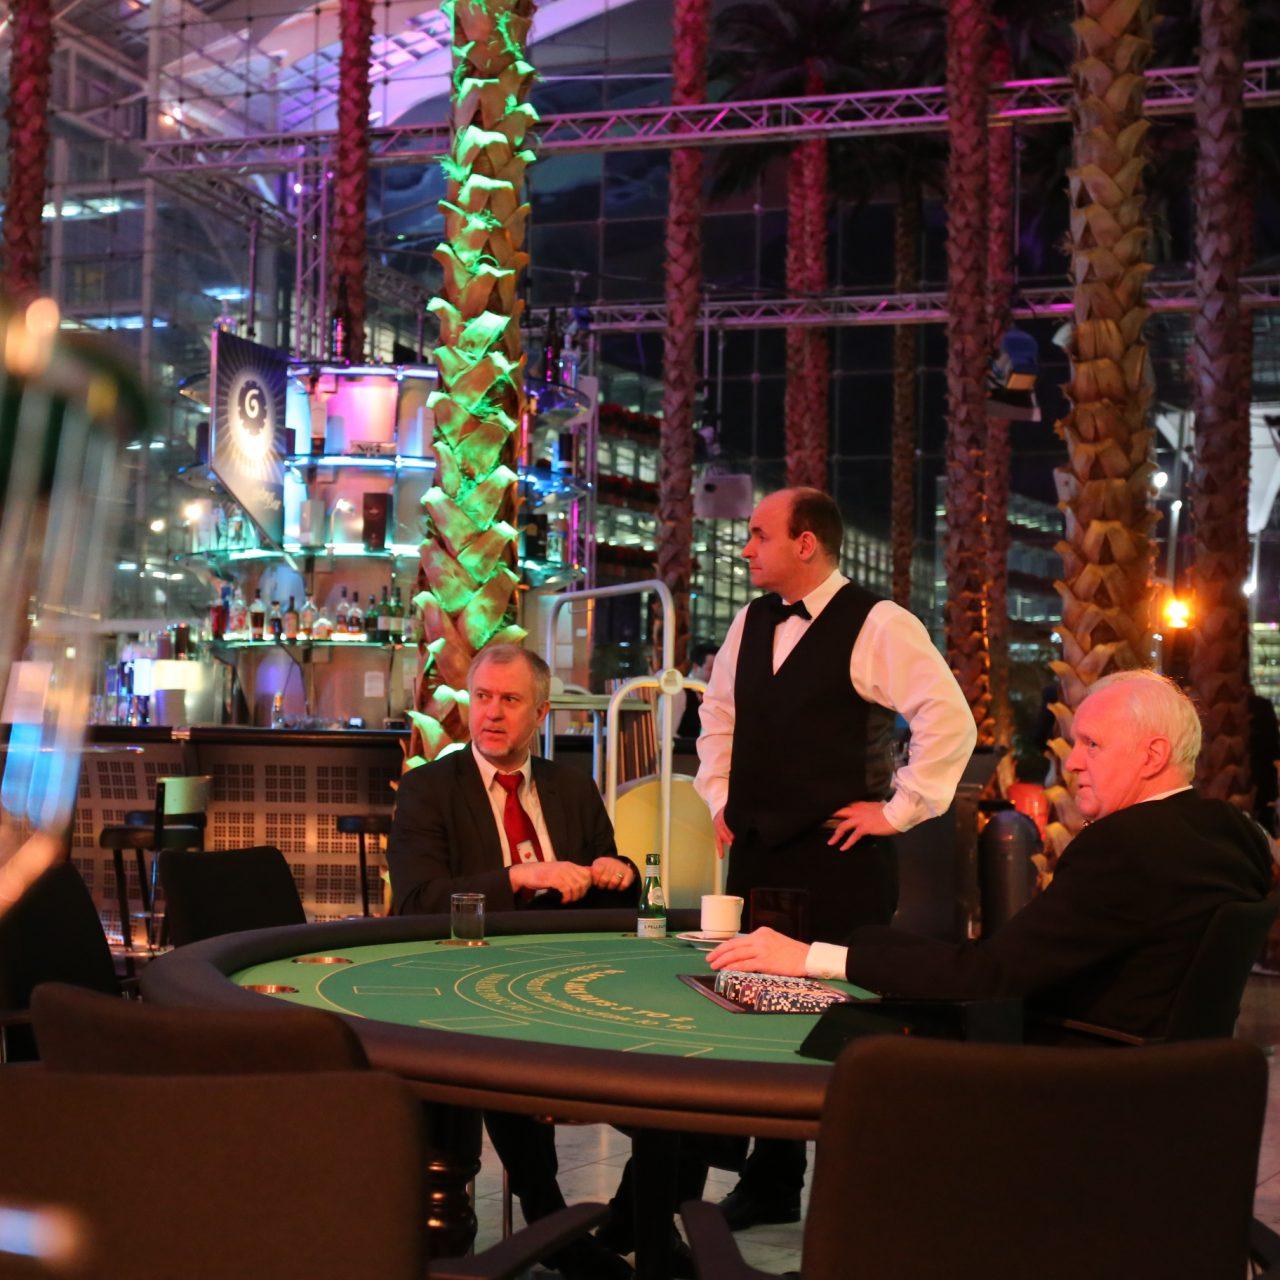 das münchner roulette casino royale